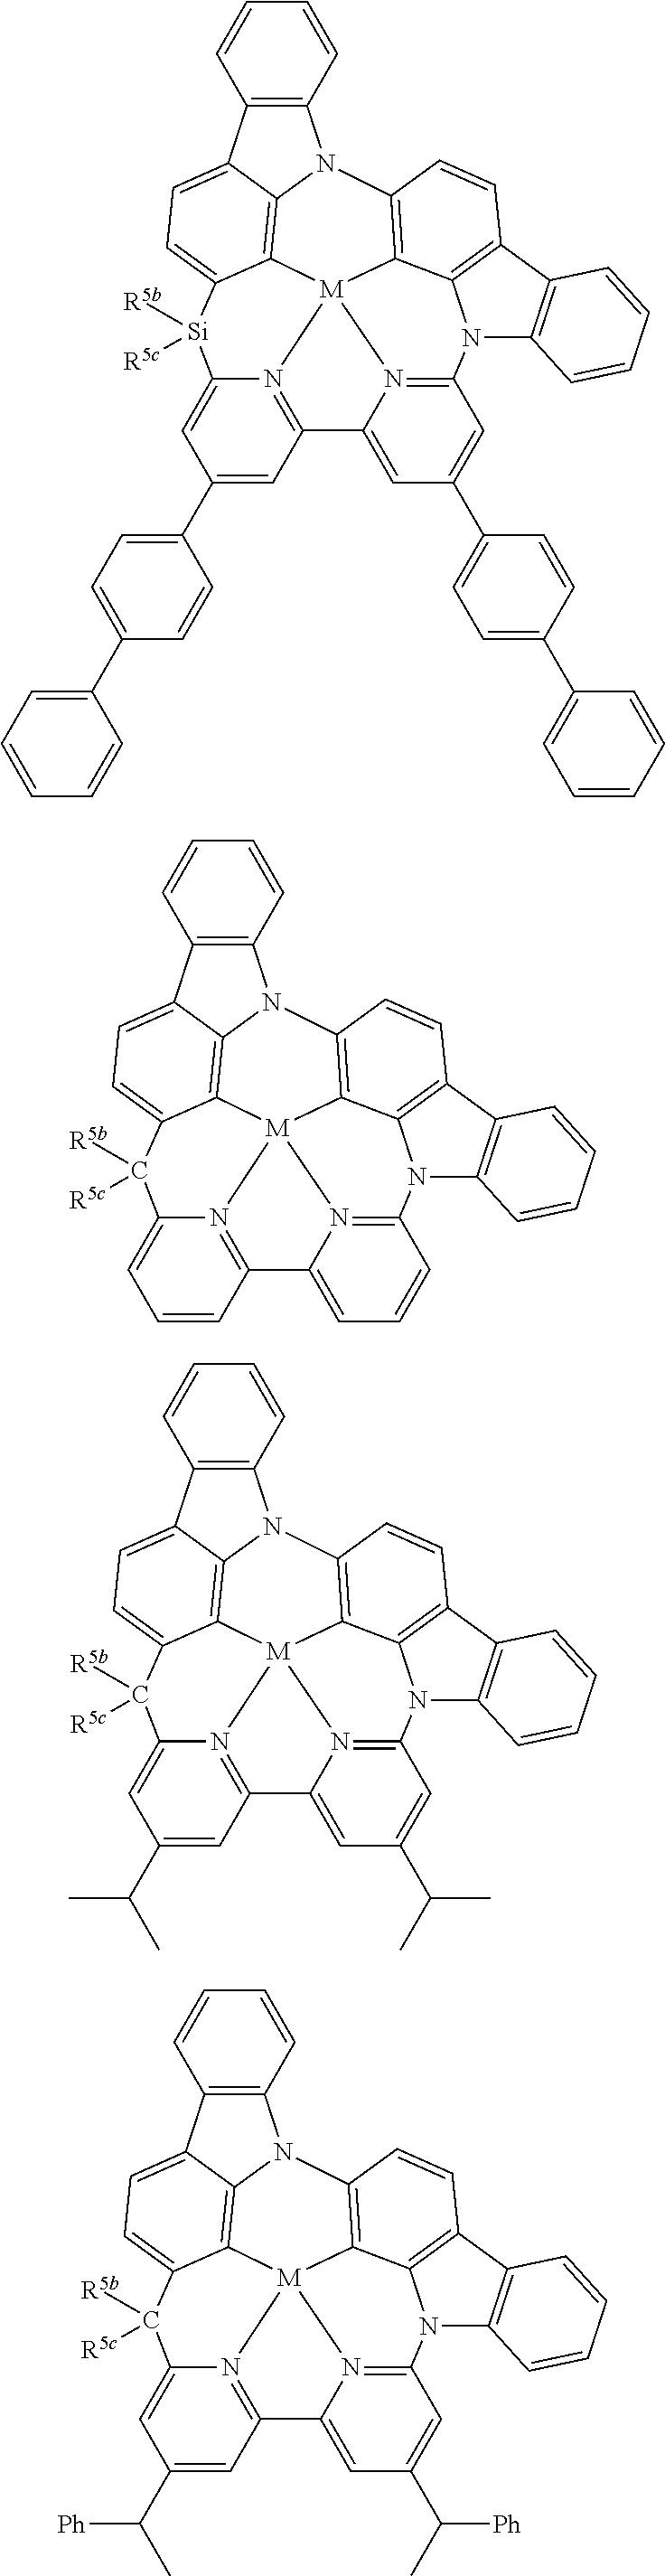 Figure US10158091-20181218-C00098